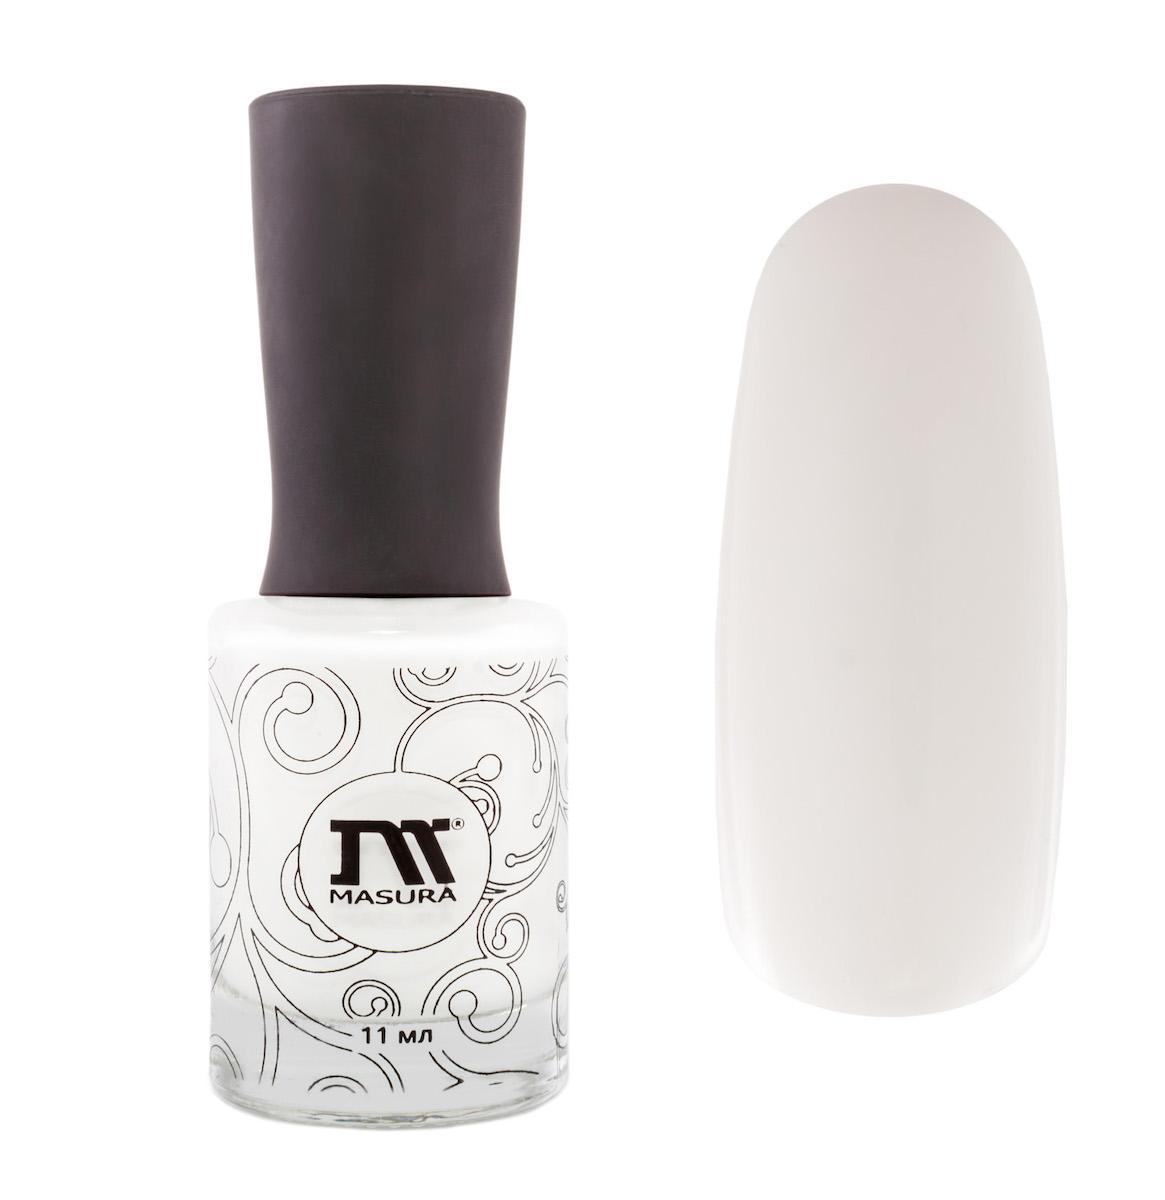 Masura Лак для ногтей Белый Танец, 11 мл1301210Кипельно-белый, для французского маникюра.